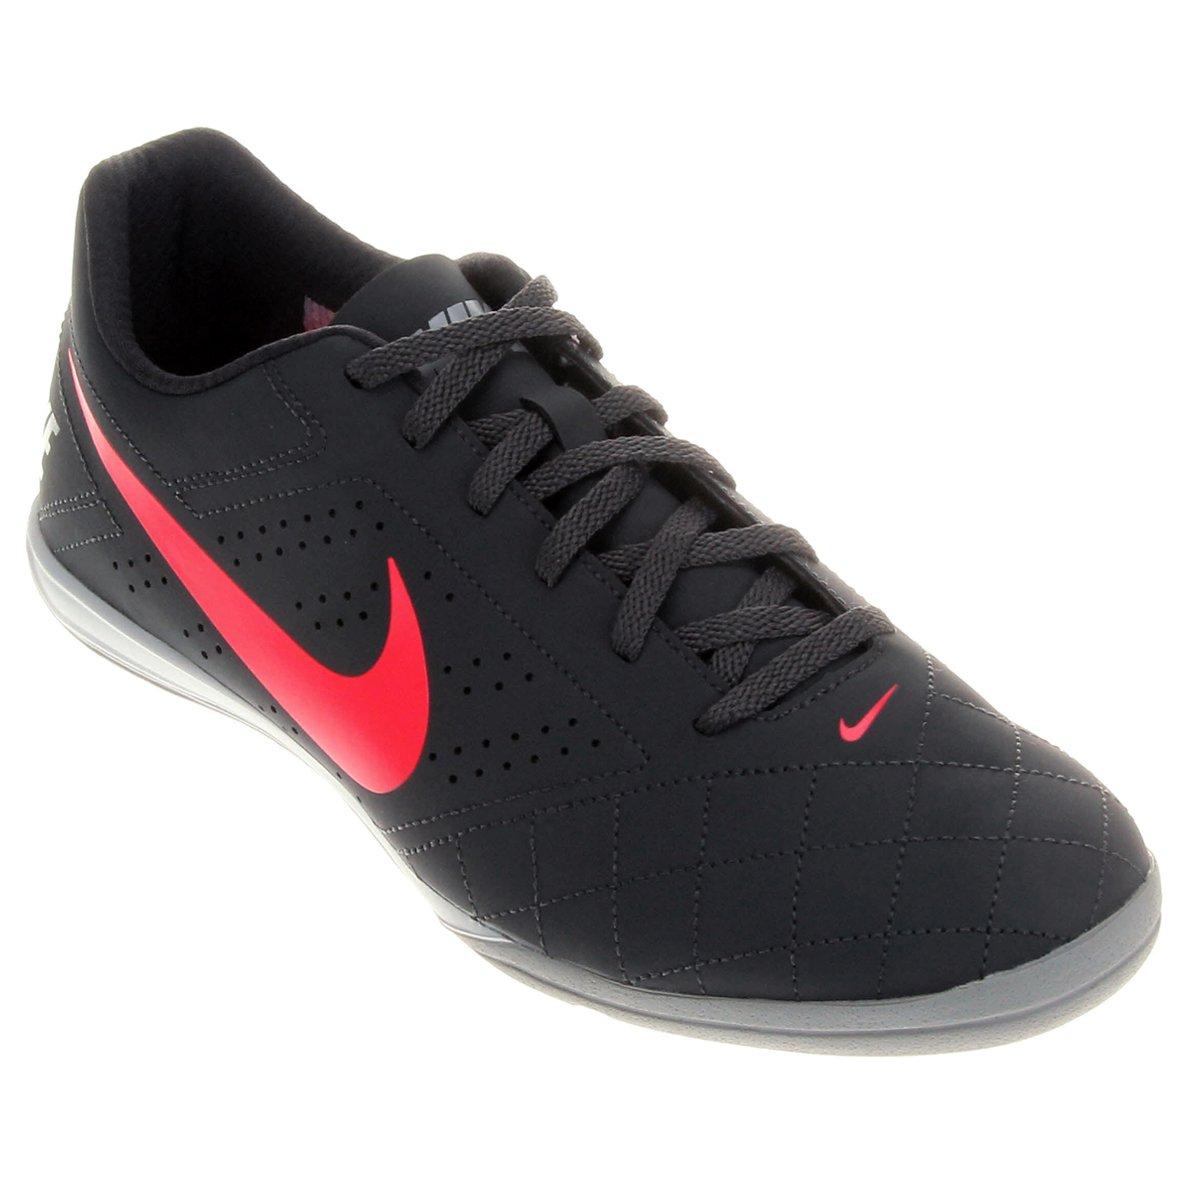 d5224f803af51 Chuteira Futsal Nike Beco 2 Futsal - Chumbo e Rosa | Shop Timão